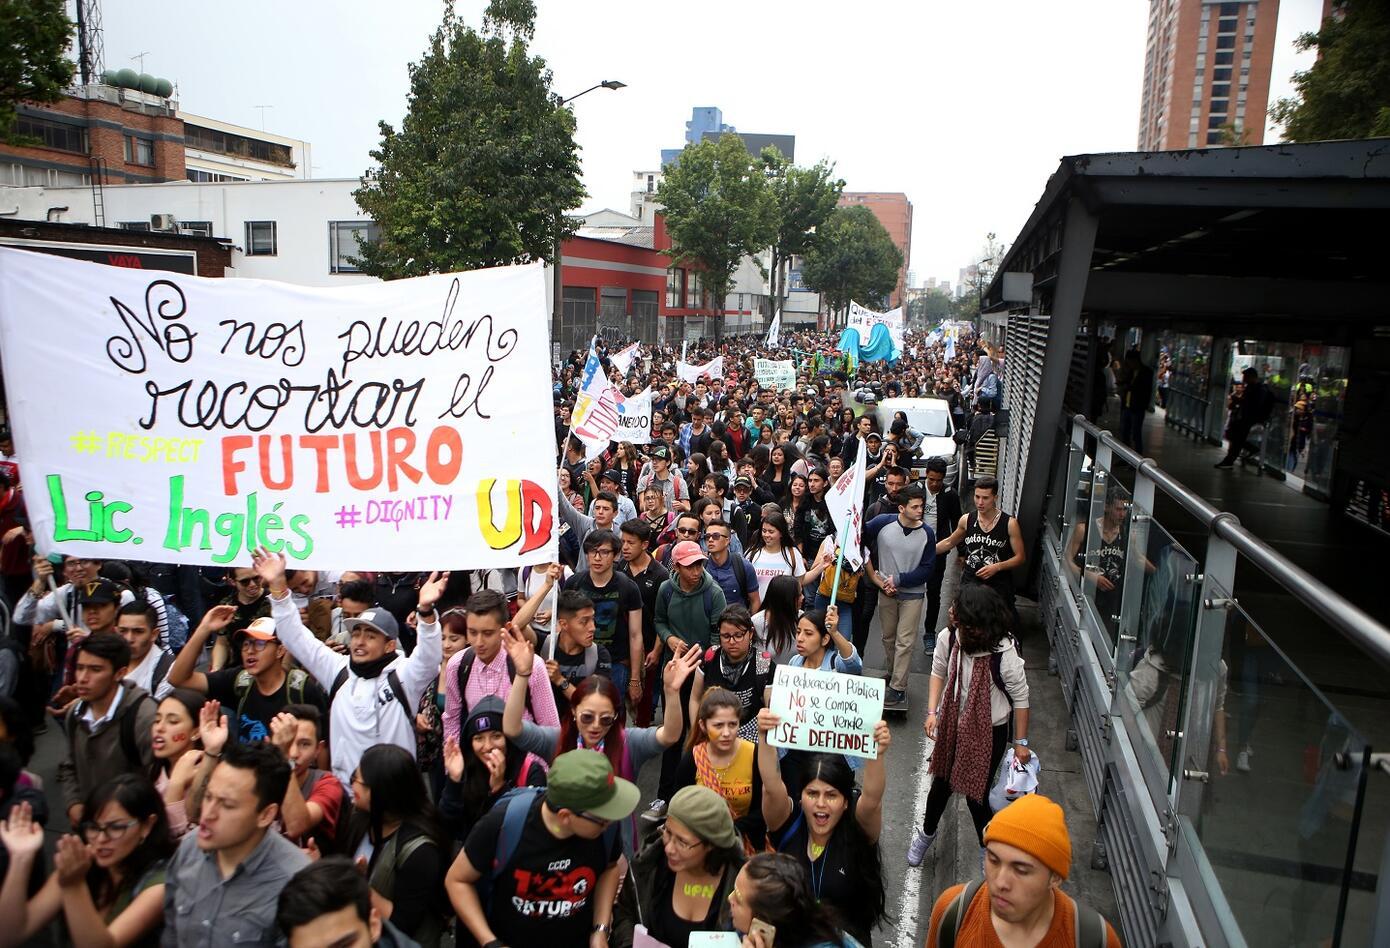 La jornada se llevó a cabo simultáneamente en varias ciudades del país en que más de 450.000 personas han salido a movilizarse.